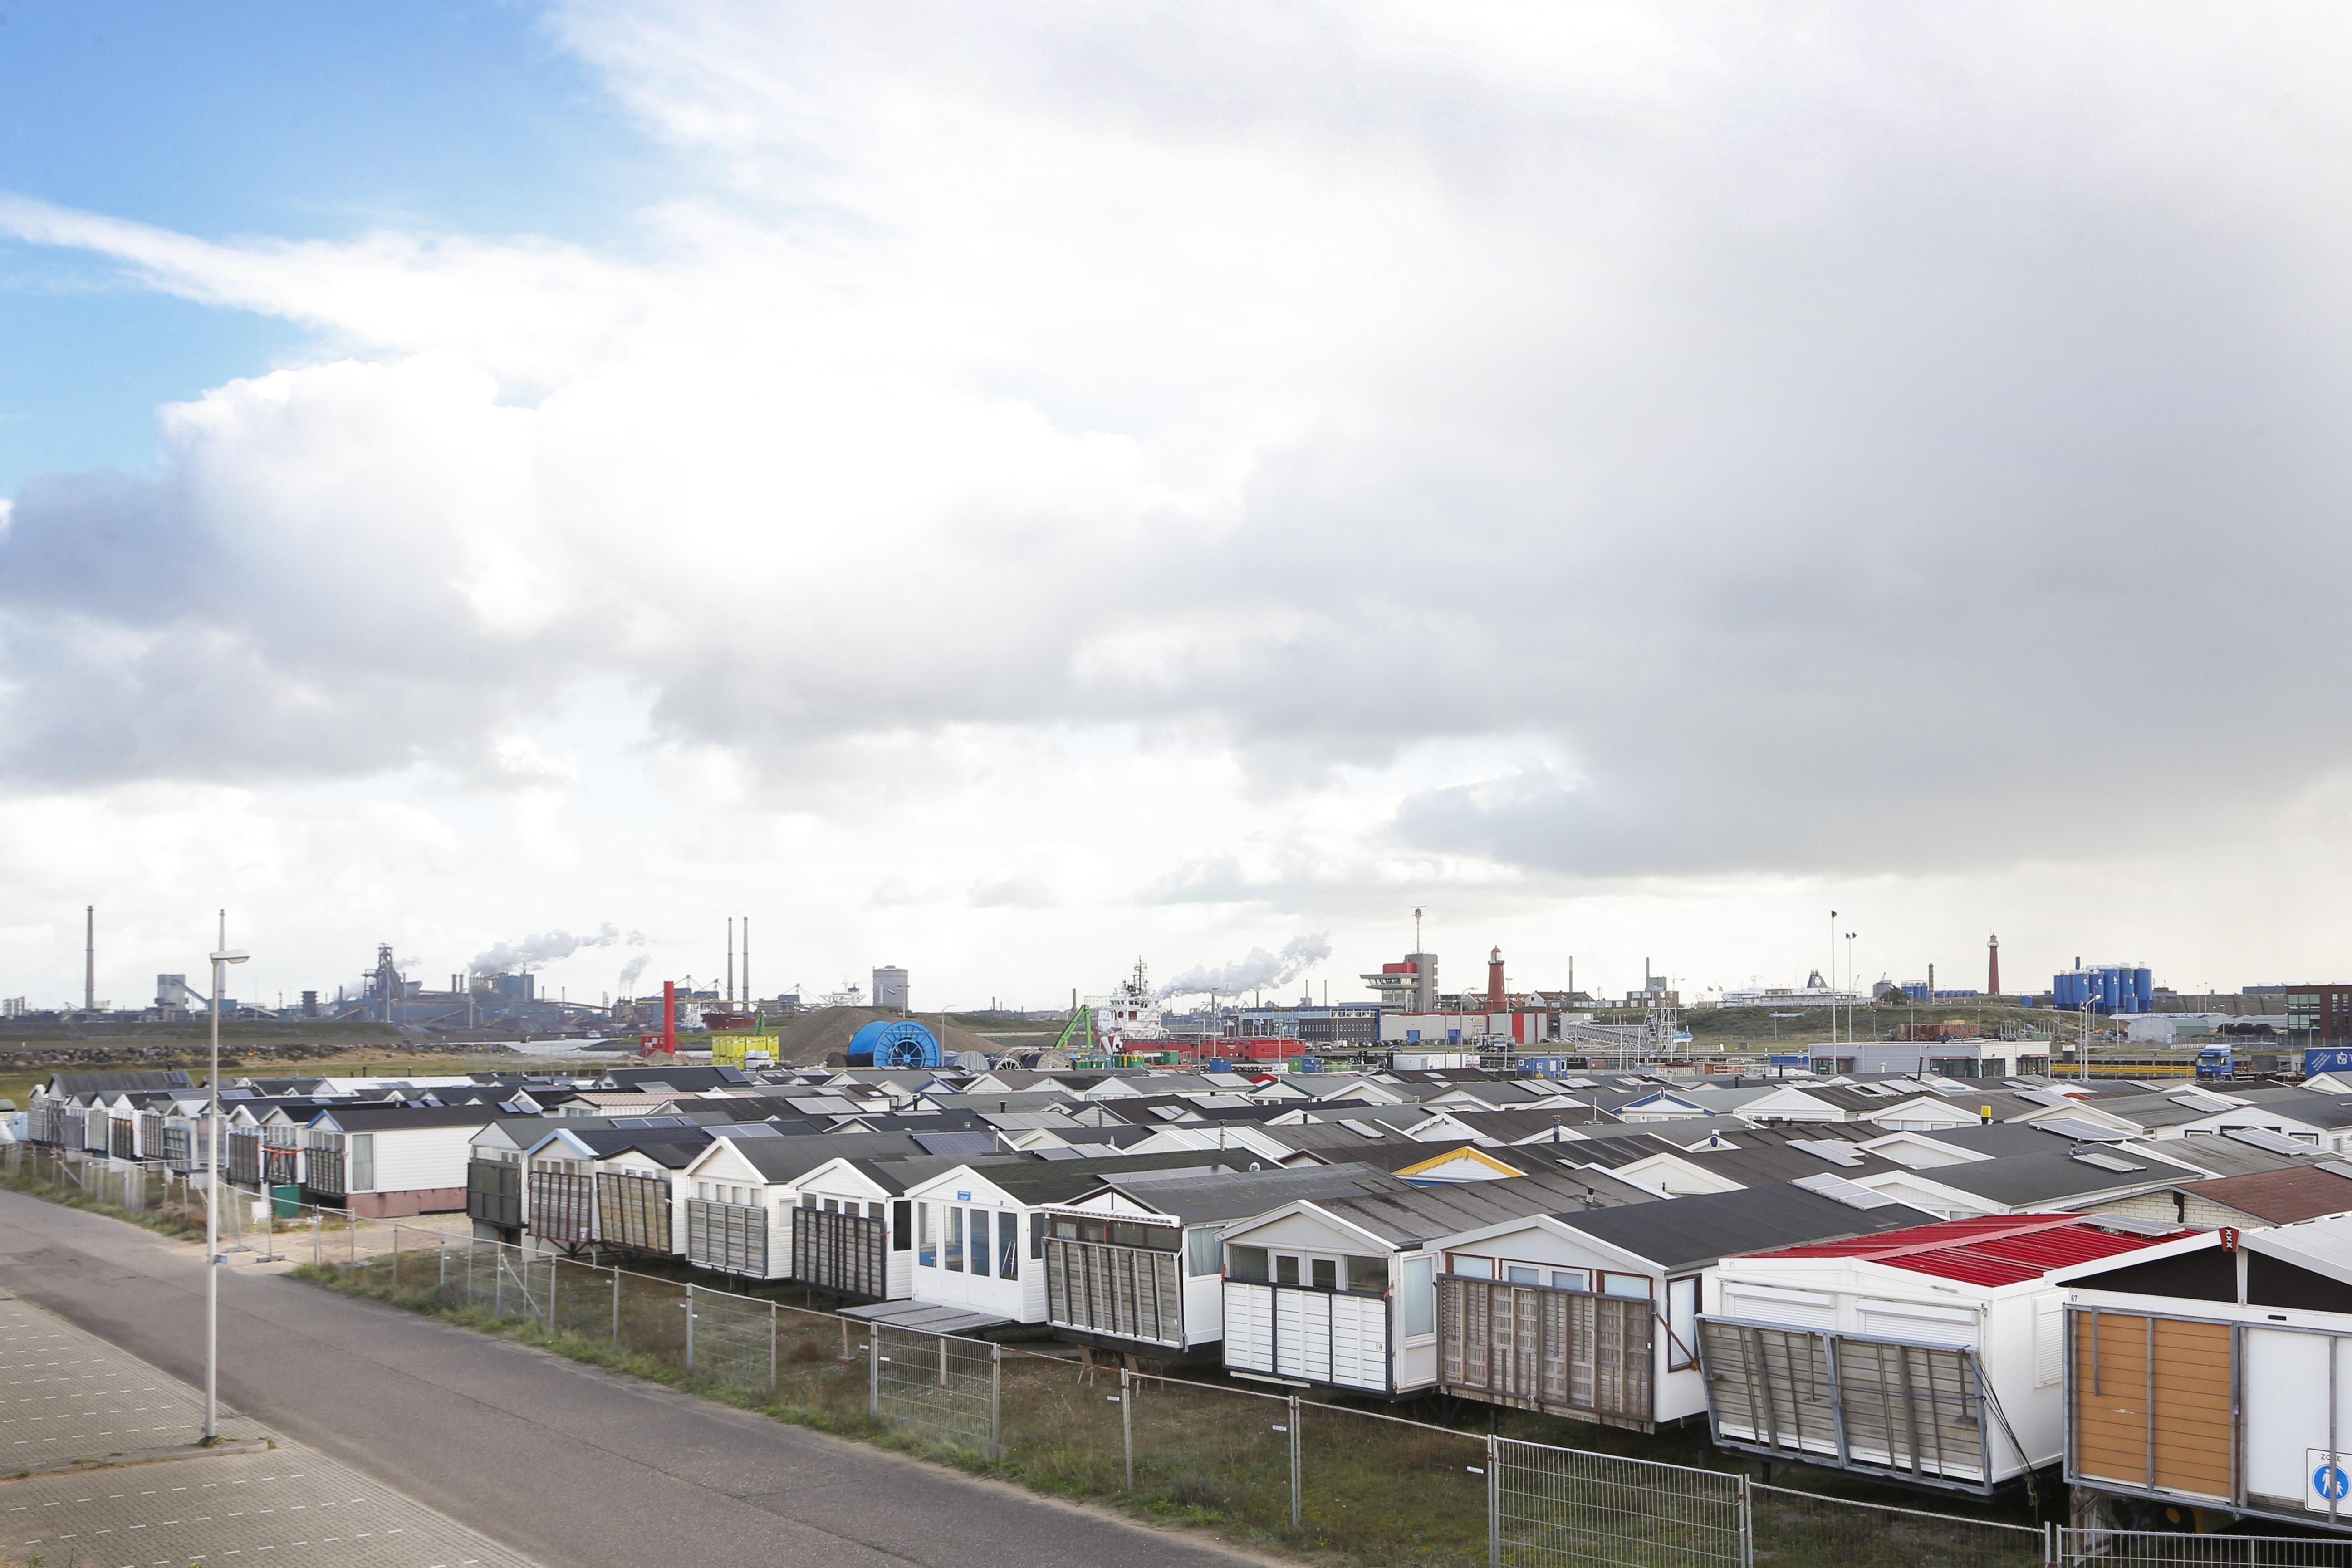 Strandhuisjes mogen worden opgebouwd tussen Heemskerk en Zandvoort. Alleen huisjes met vaste sanitaire voorzieningen mogen worden gebruikt